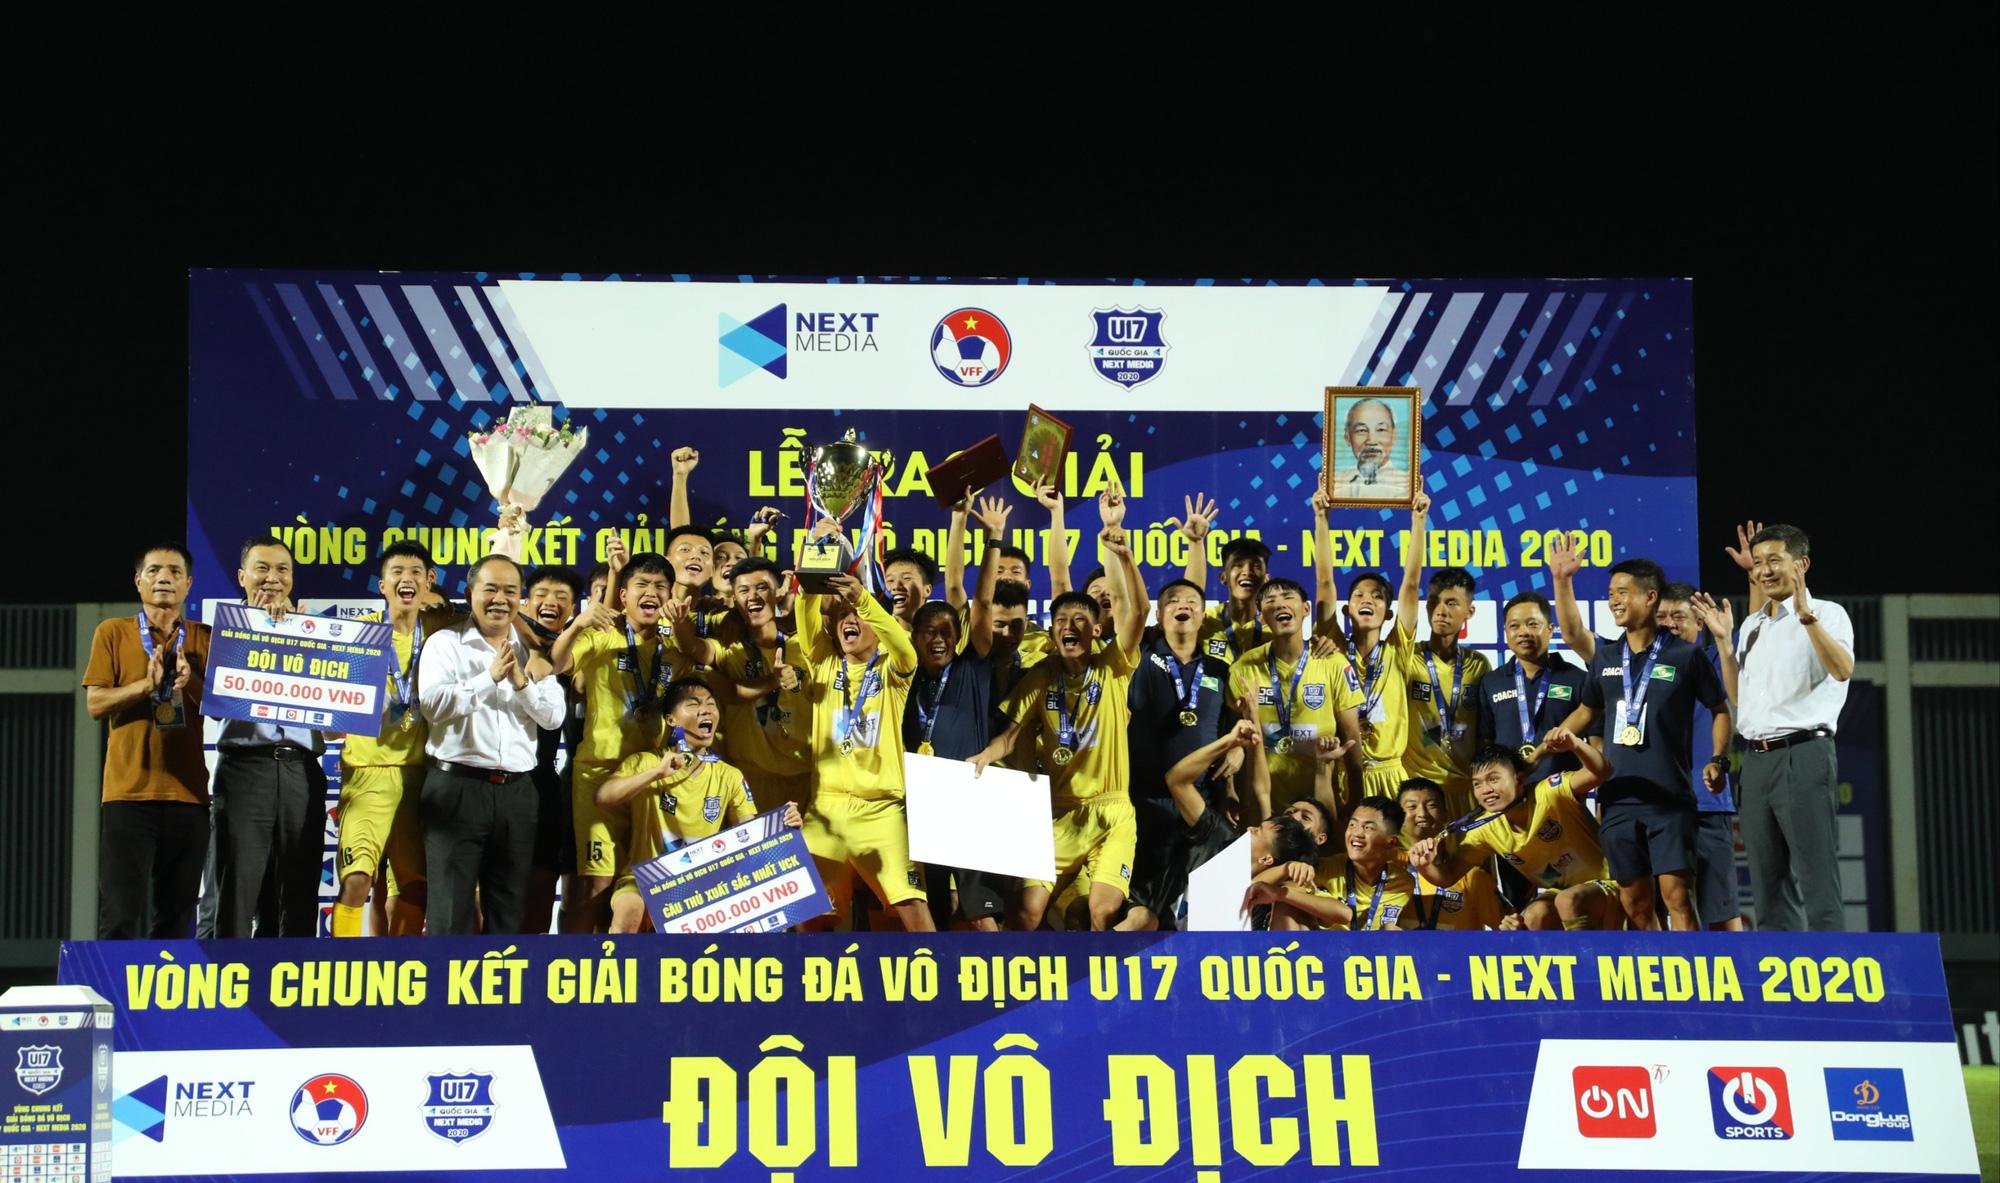 Bị hỏi xoáy, Văn Quyến đáp xoay khi U17 SLNA vô địch QG - Ảnh 1.